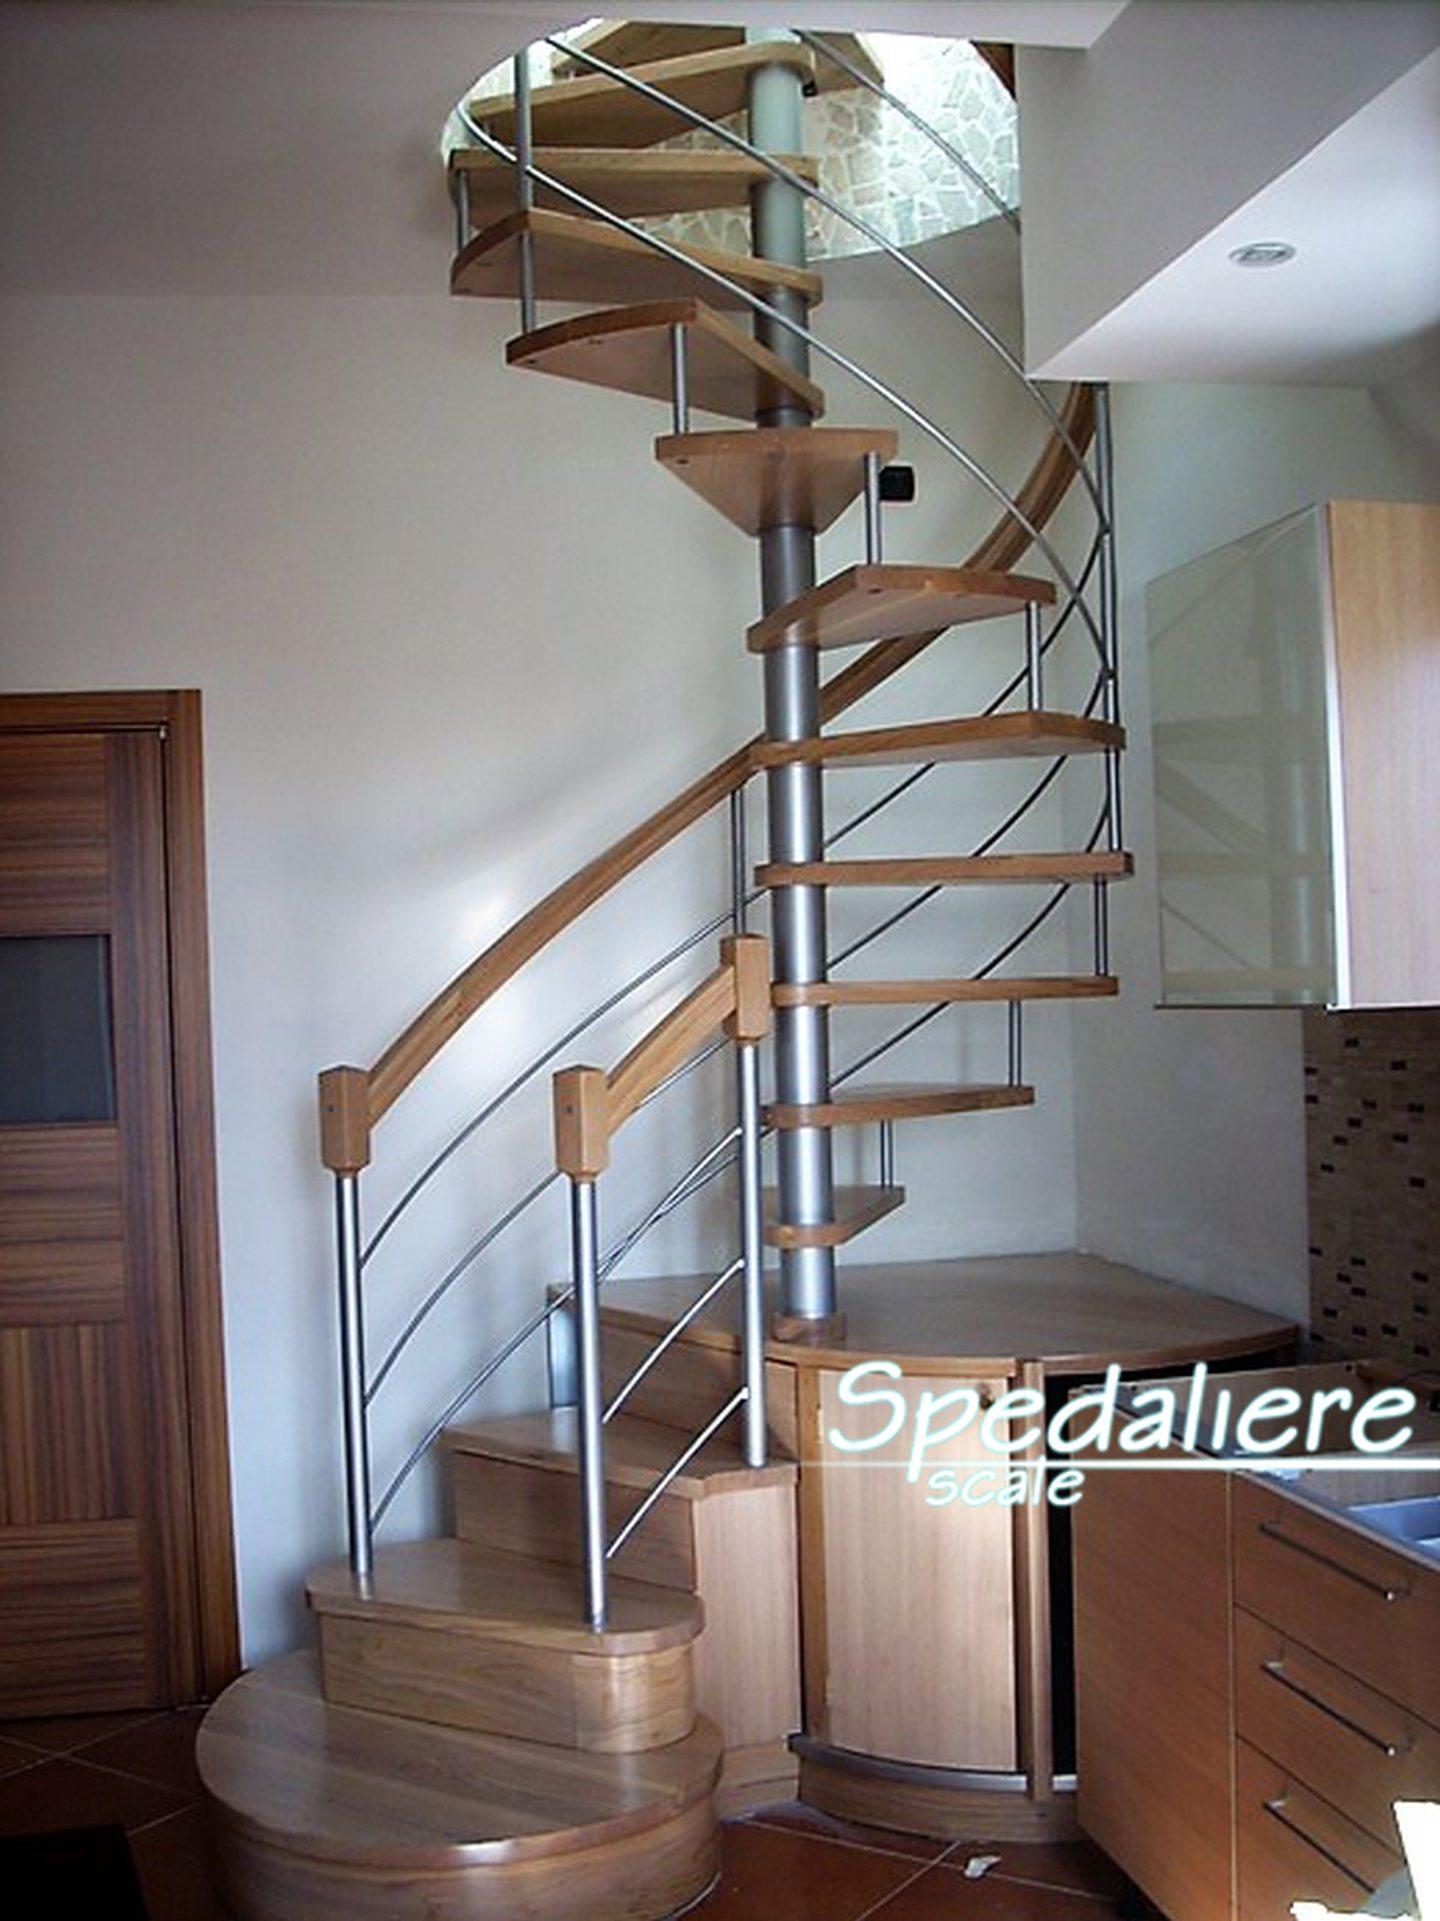 Scala a chiocciola con primi gradini curvi interamente in legno massello con integrazione del mobile ad ante curve